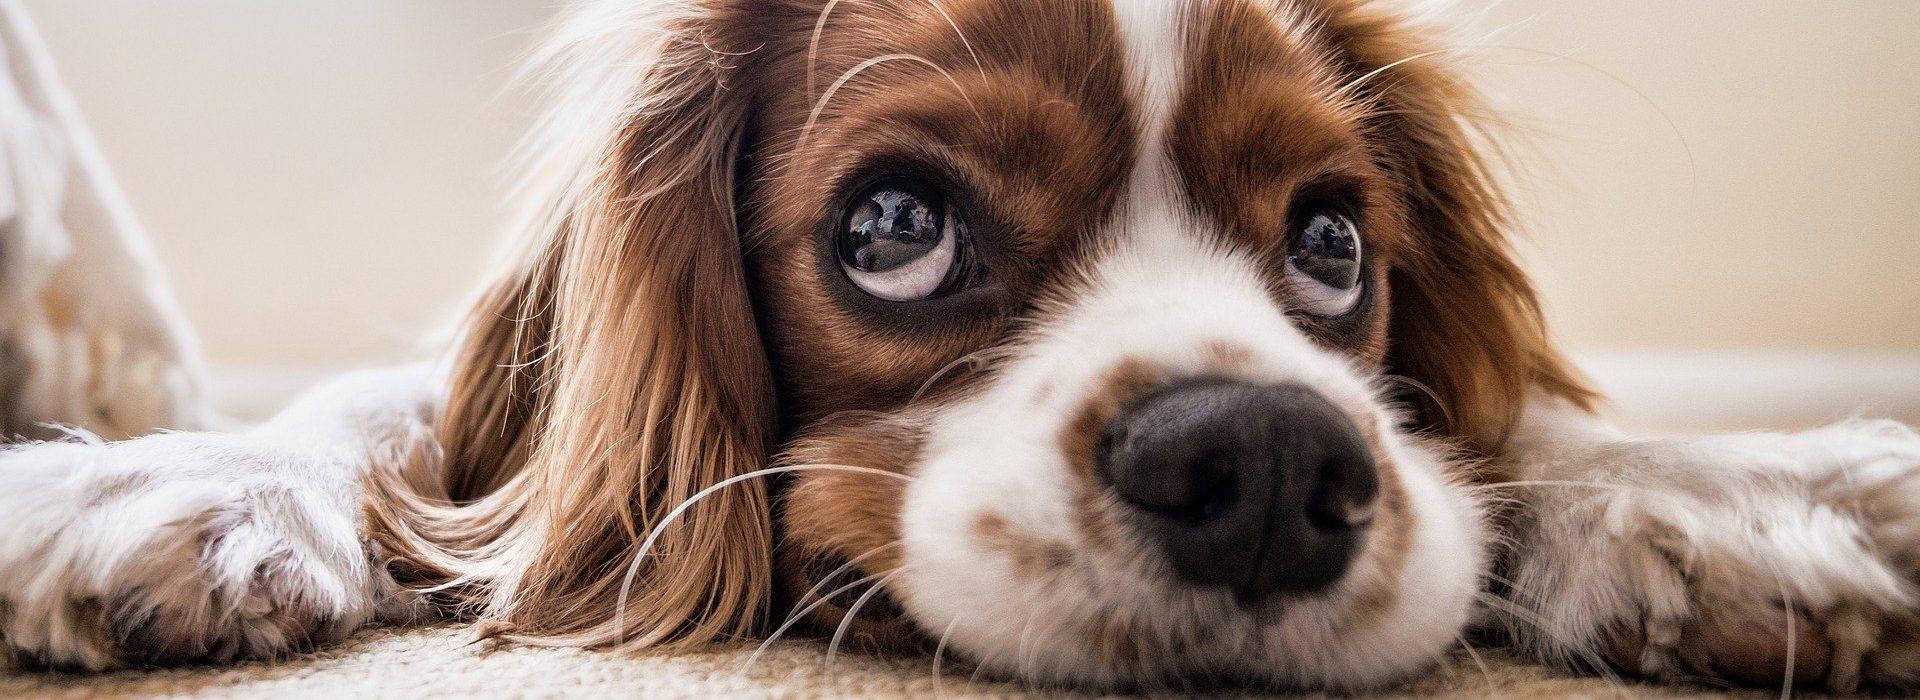 Ein Tierfoto eines Hundes, der in die Kamera blickt